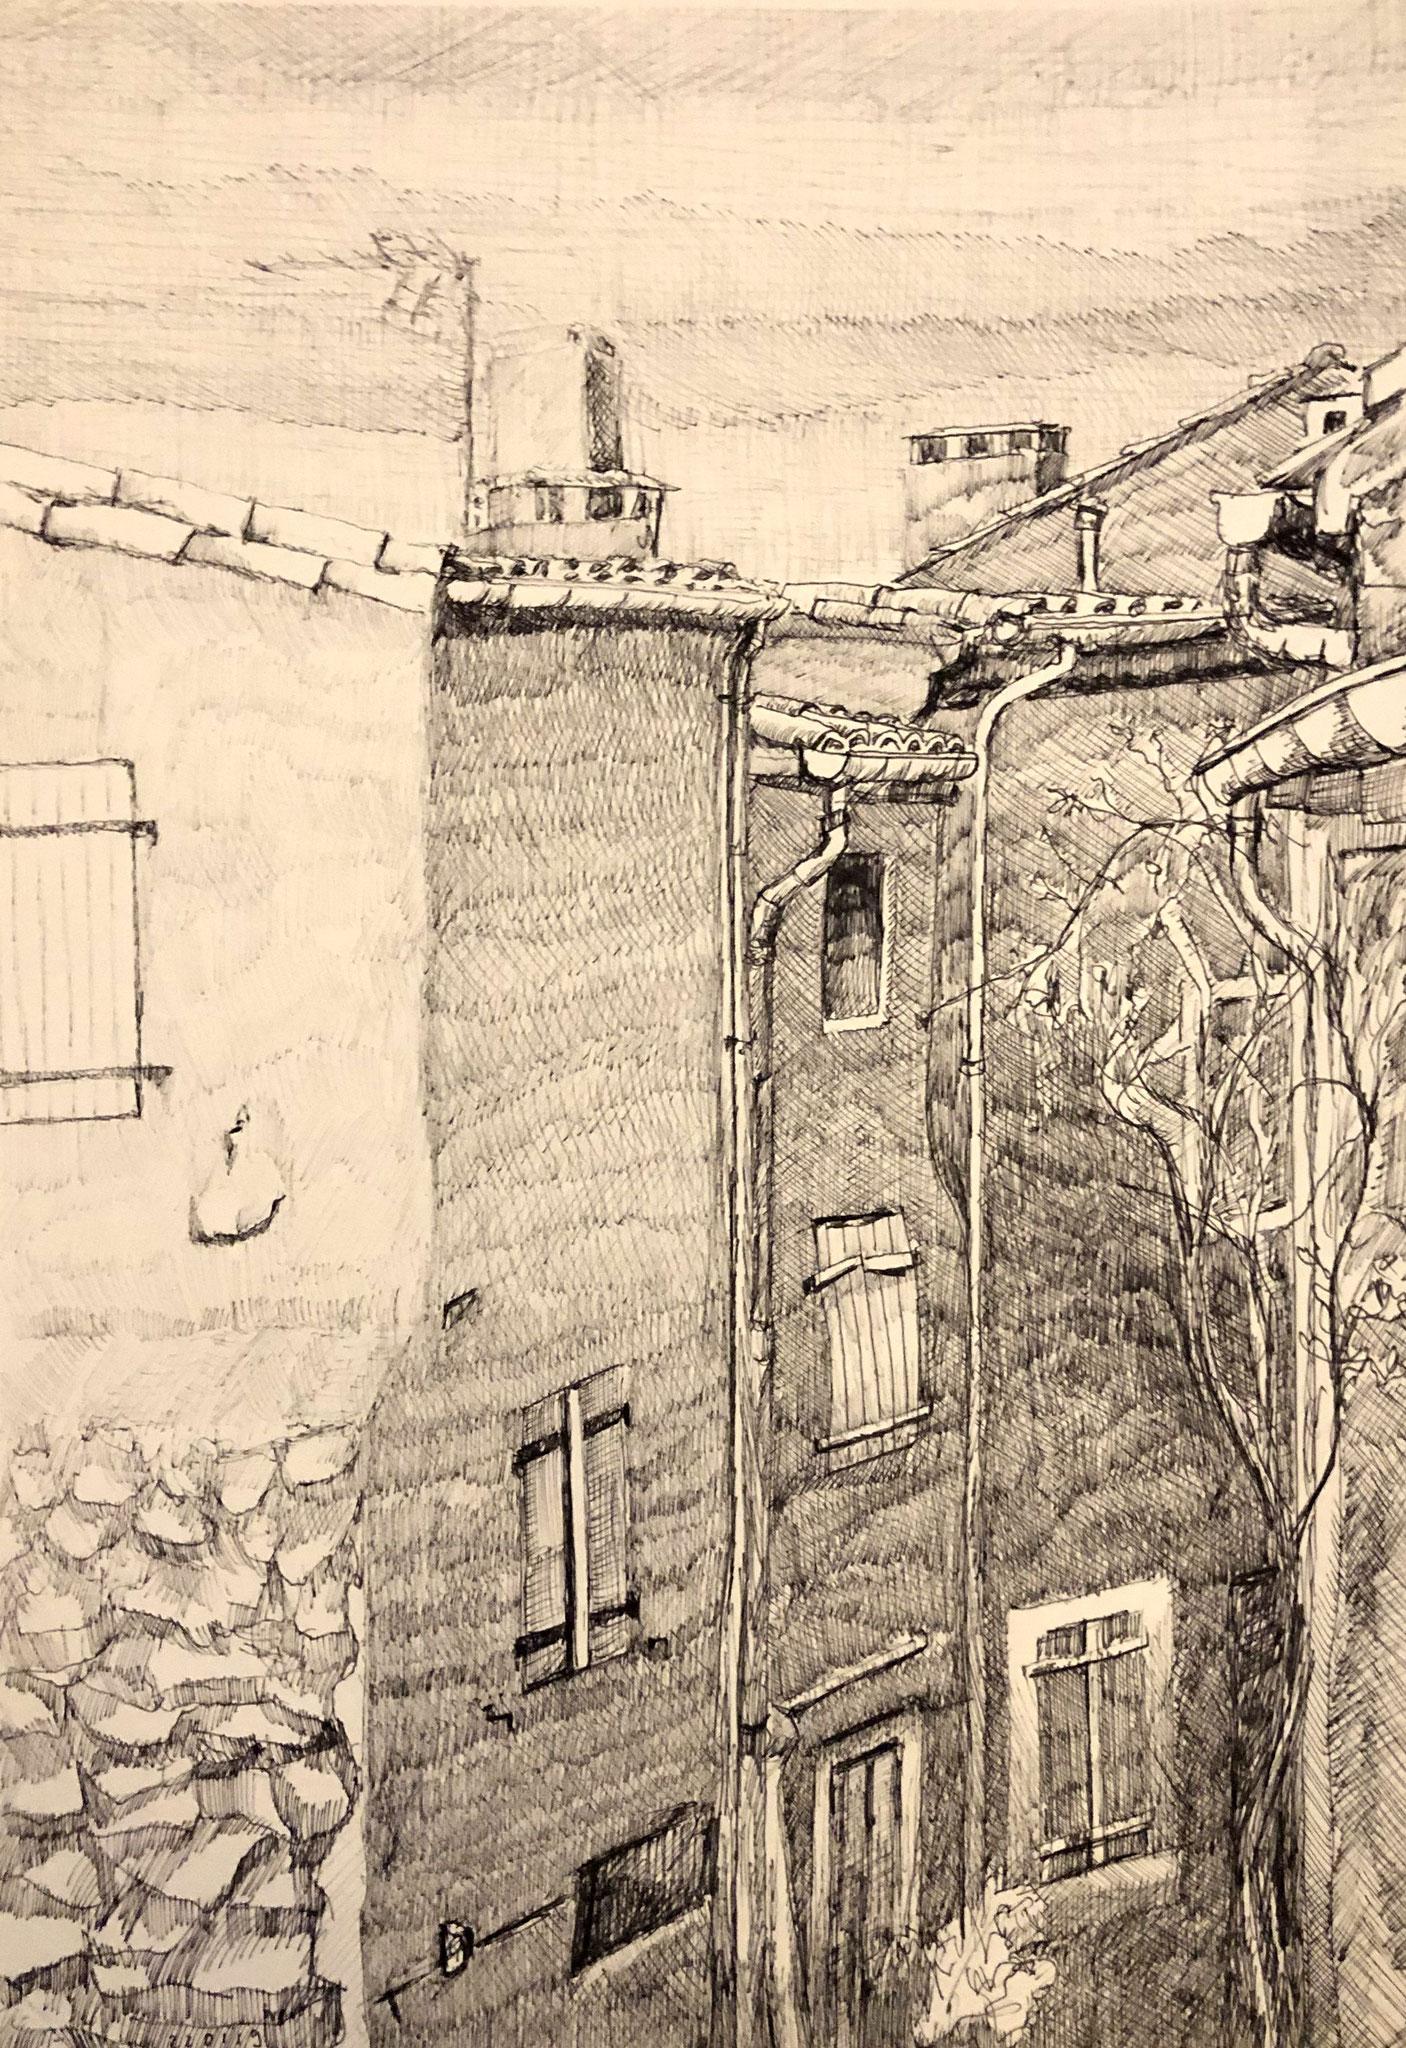 PEYRIAC-DE-MER, RUE DES CARRIÈRETTES   Tusche auf Papier - 42 x 30 cm